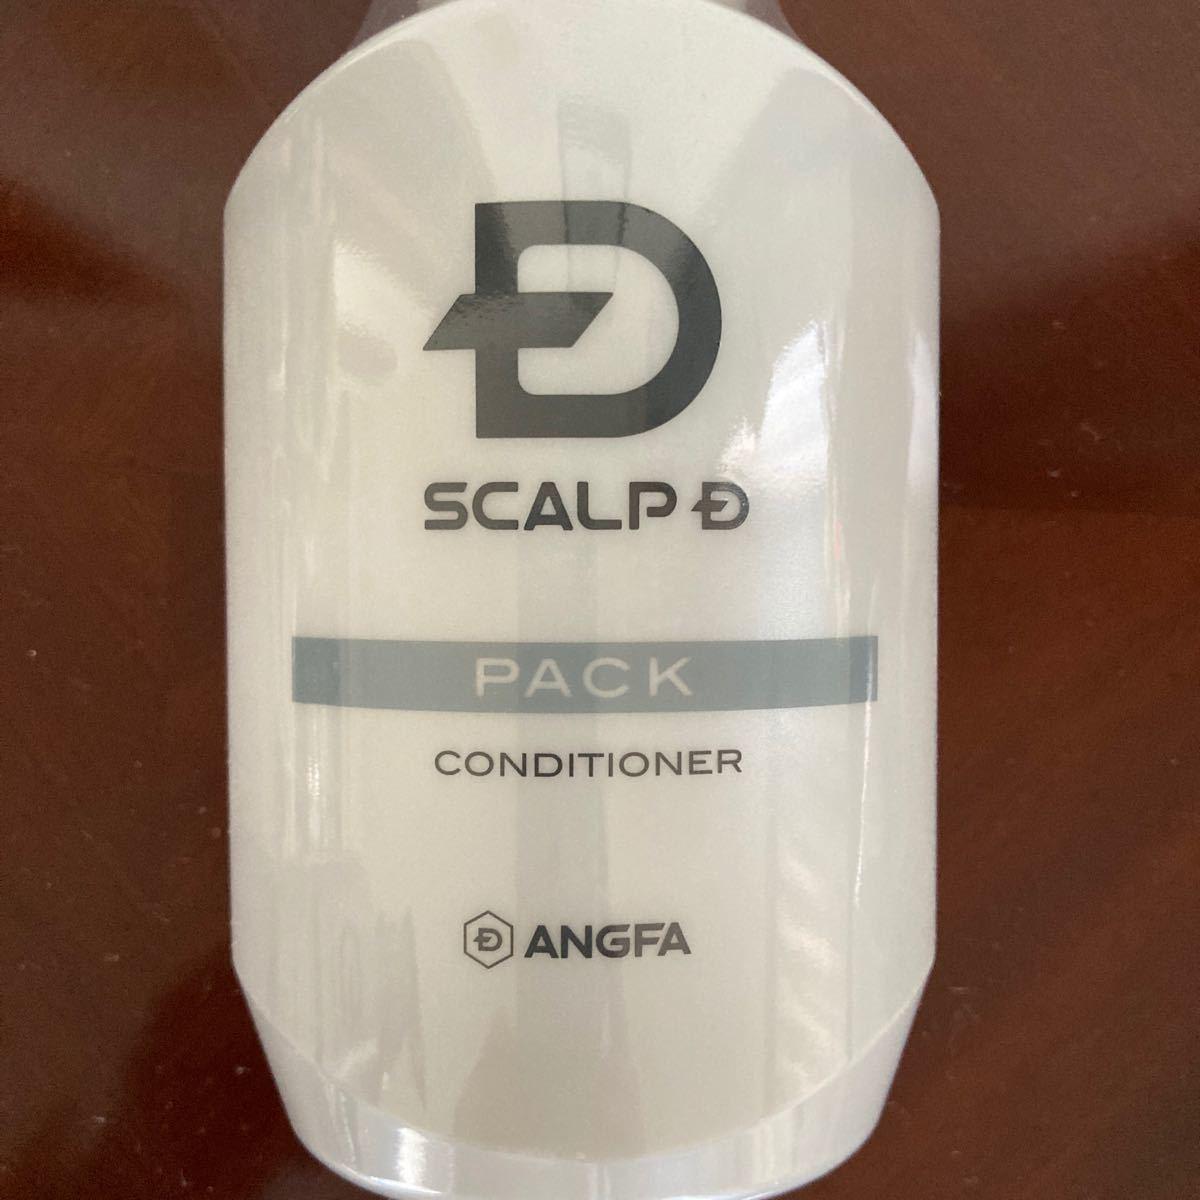 スカルプDシャンプー脂性肌用2本 スカルプパックコンディショナー1本 3本セット 2021年10月購入